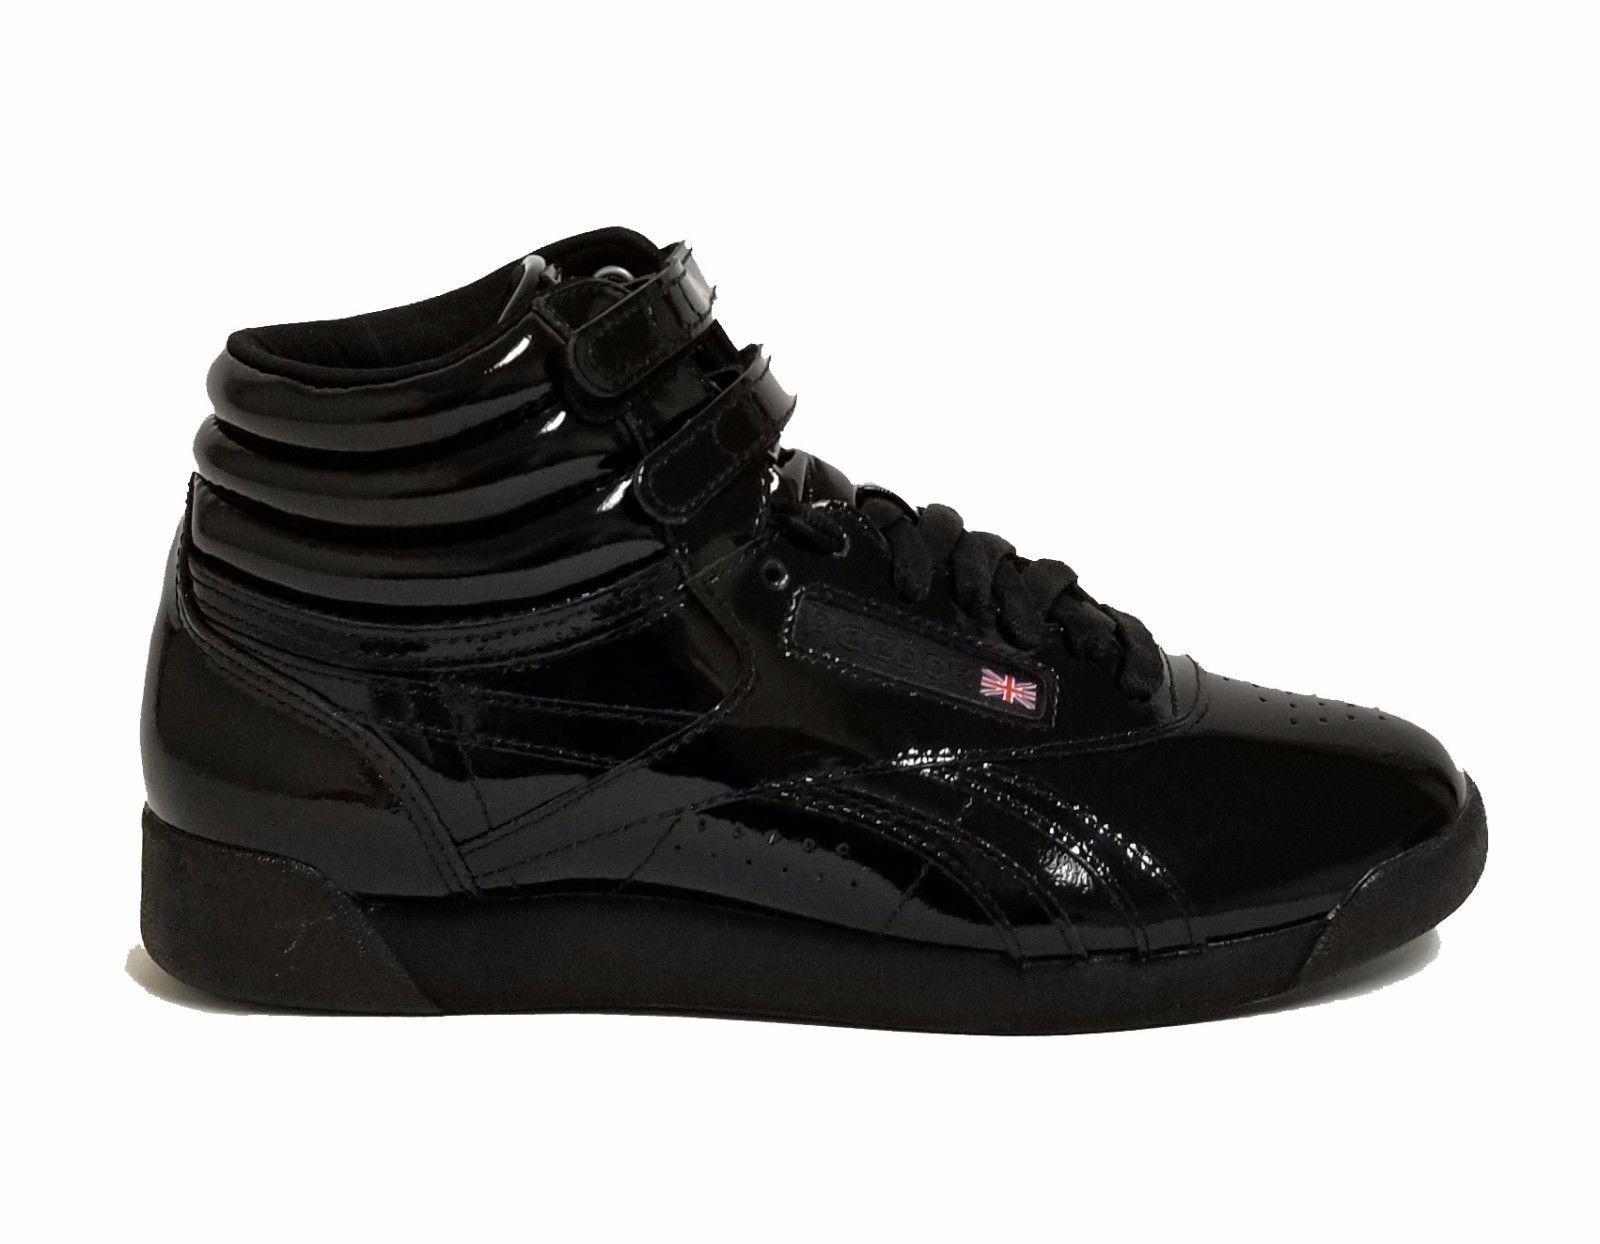 Para Mujer Reebok Negros Freestyle Hi Patente Informal Zapatos Negros Reebok CN2822 B 6ac5aa